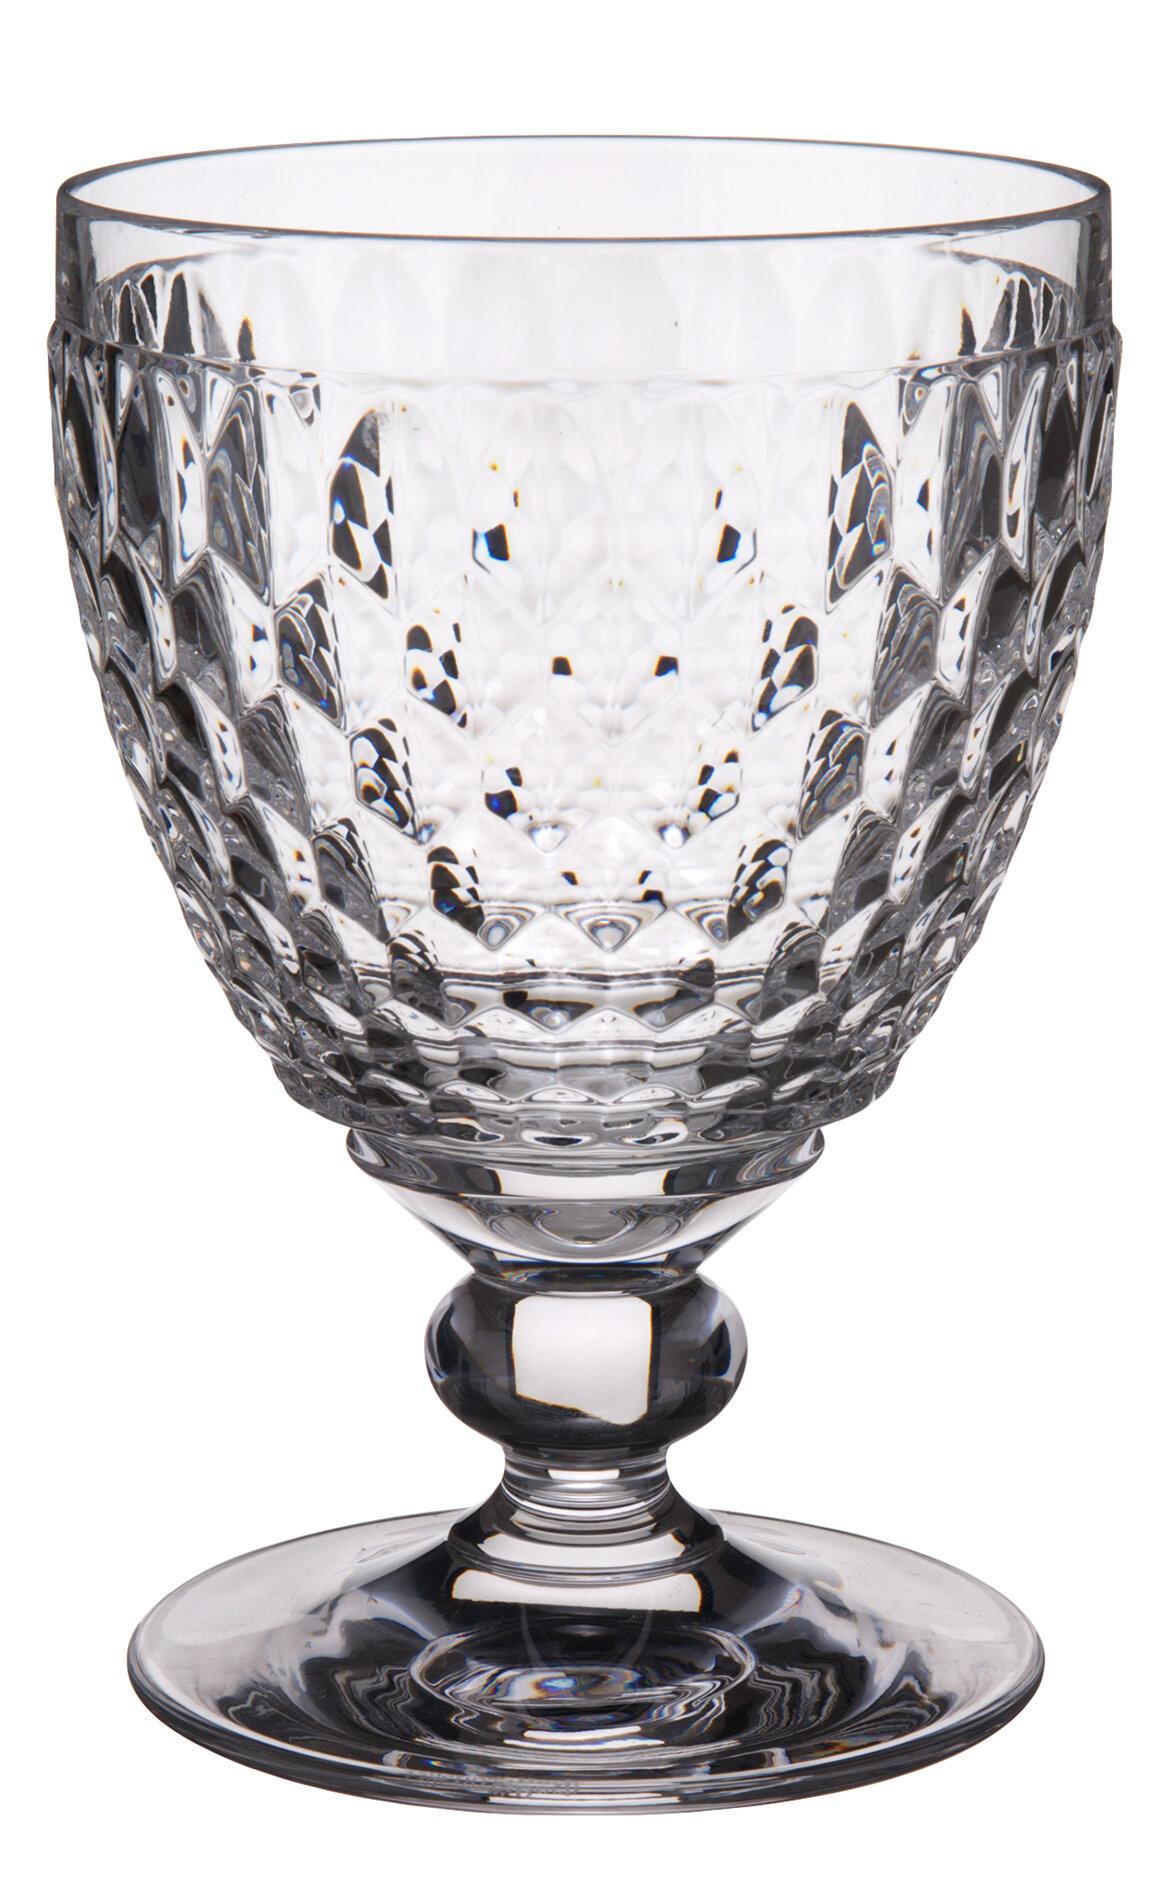 Villeroy & Boch Boston Kırmızı Şarap Kadehi, 13 cm